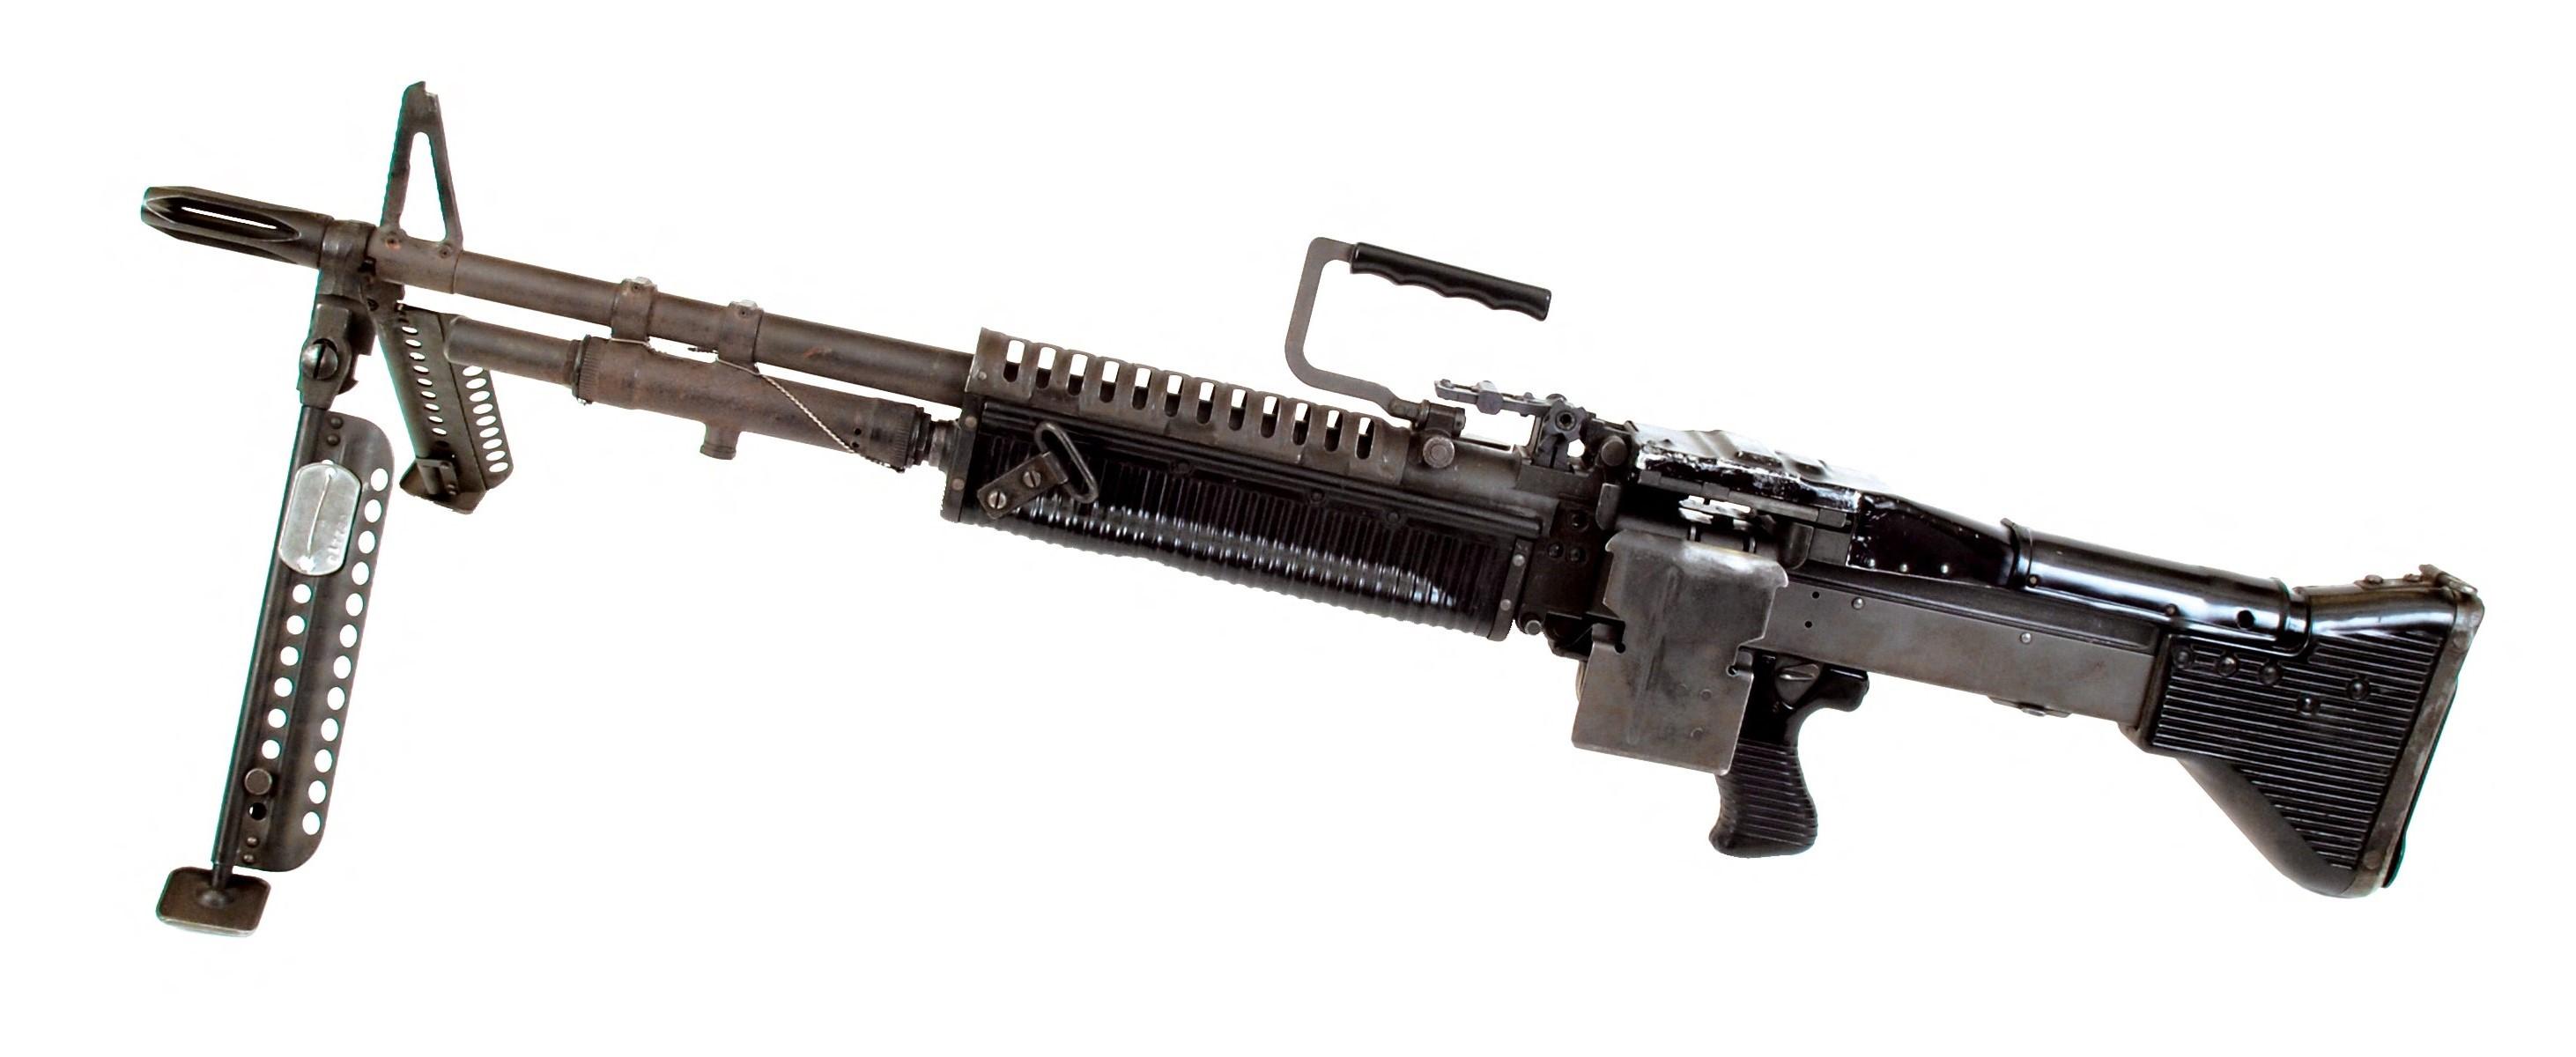 File:M60 Medium Machine Gun (7414626098) jpg - Wikimedia Commons